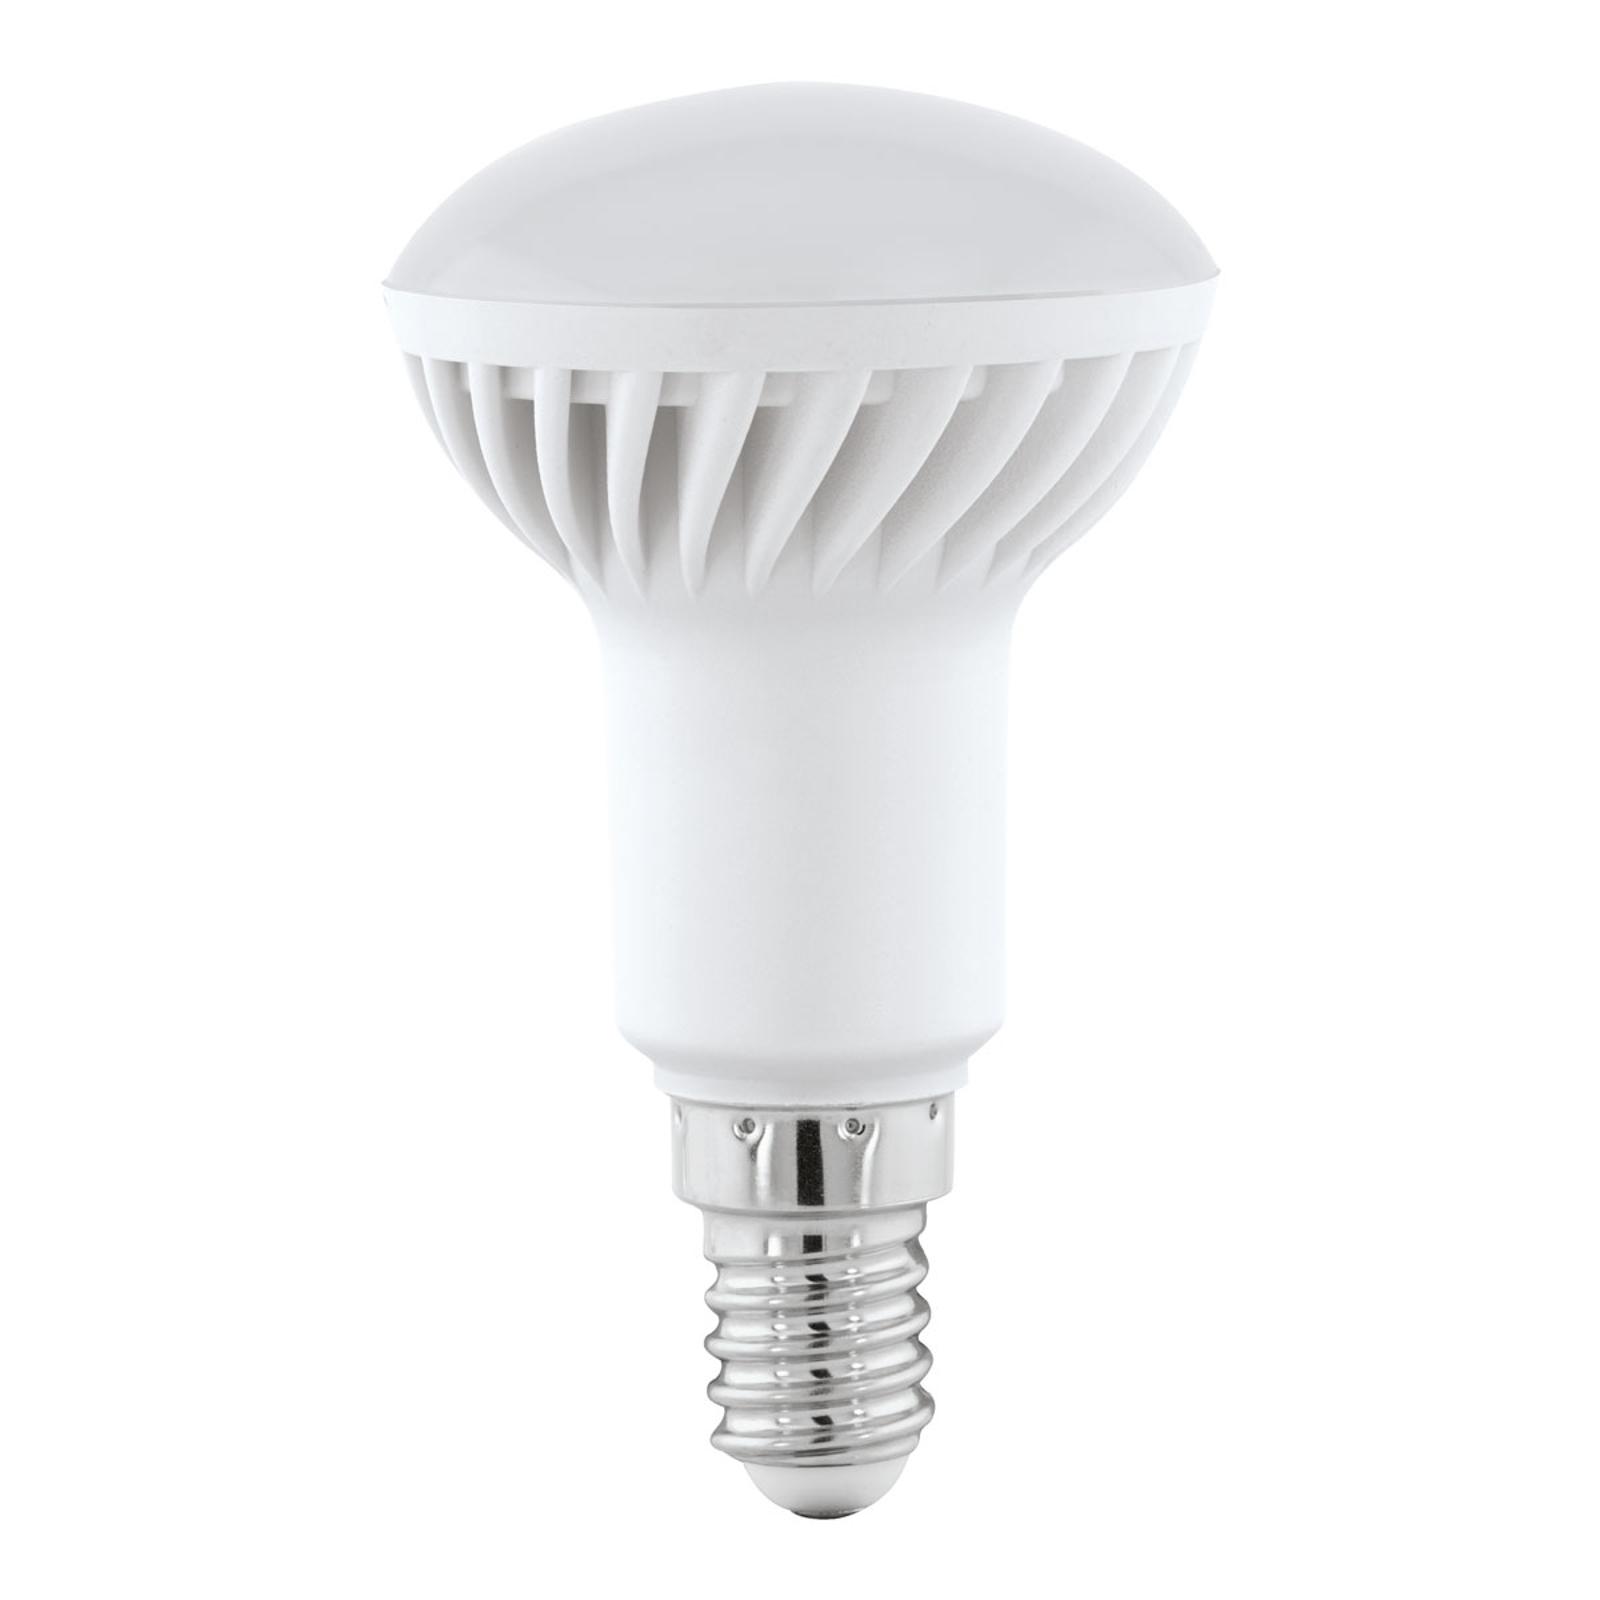 LED-Reflektor E14 5W, warmweiß, matt